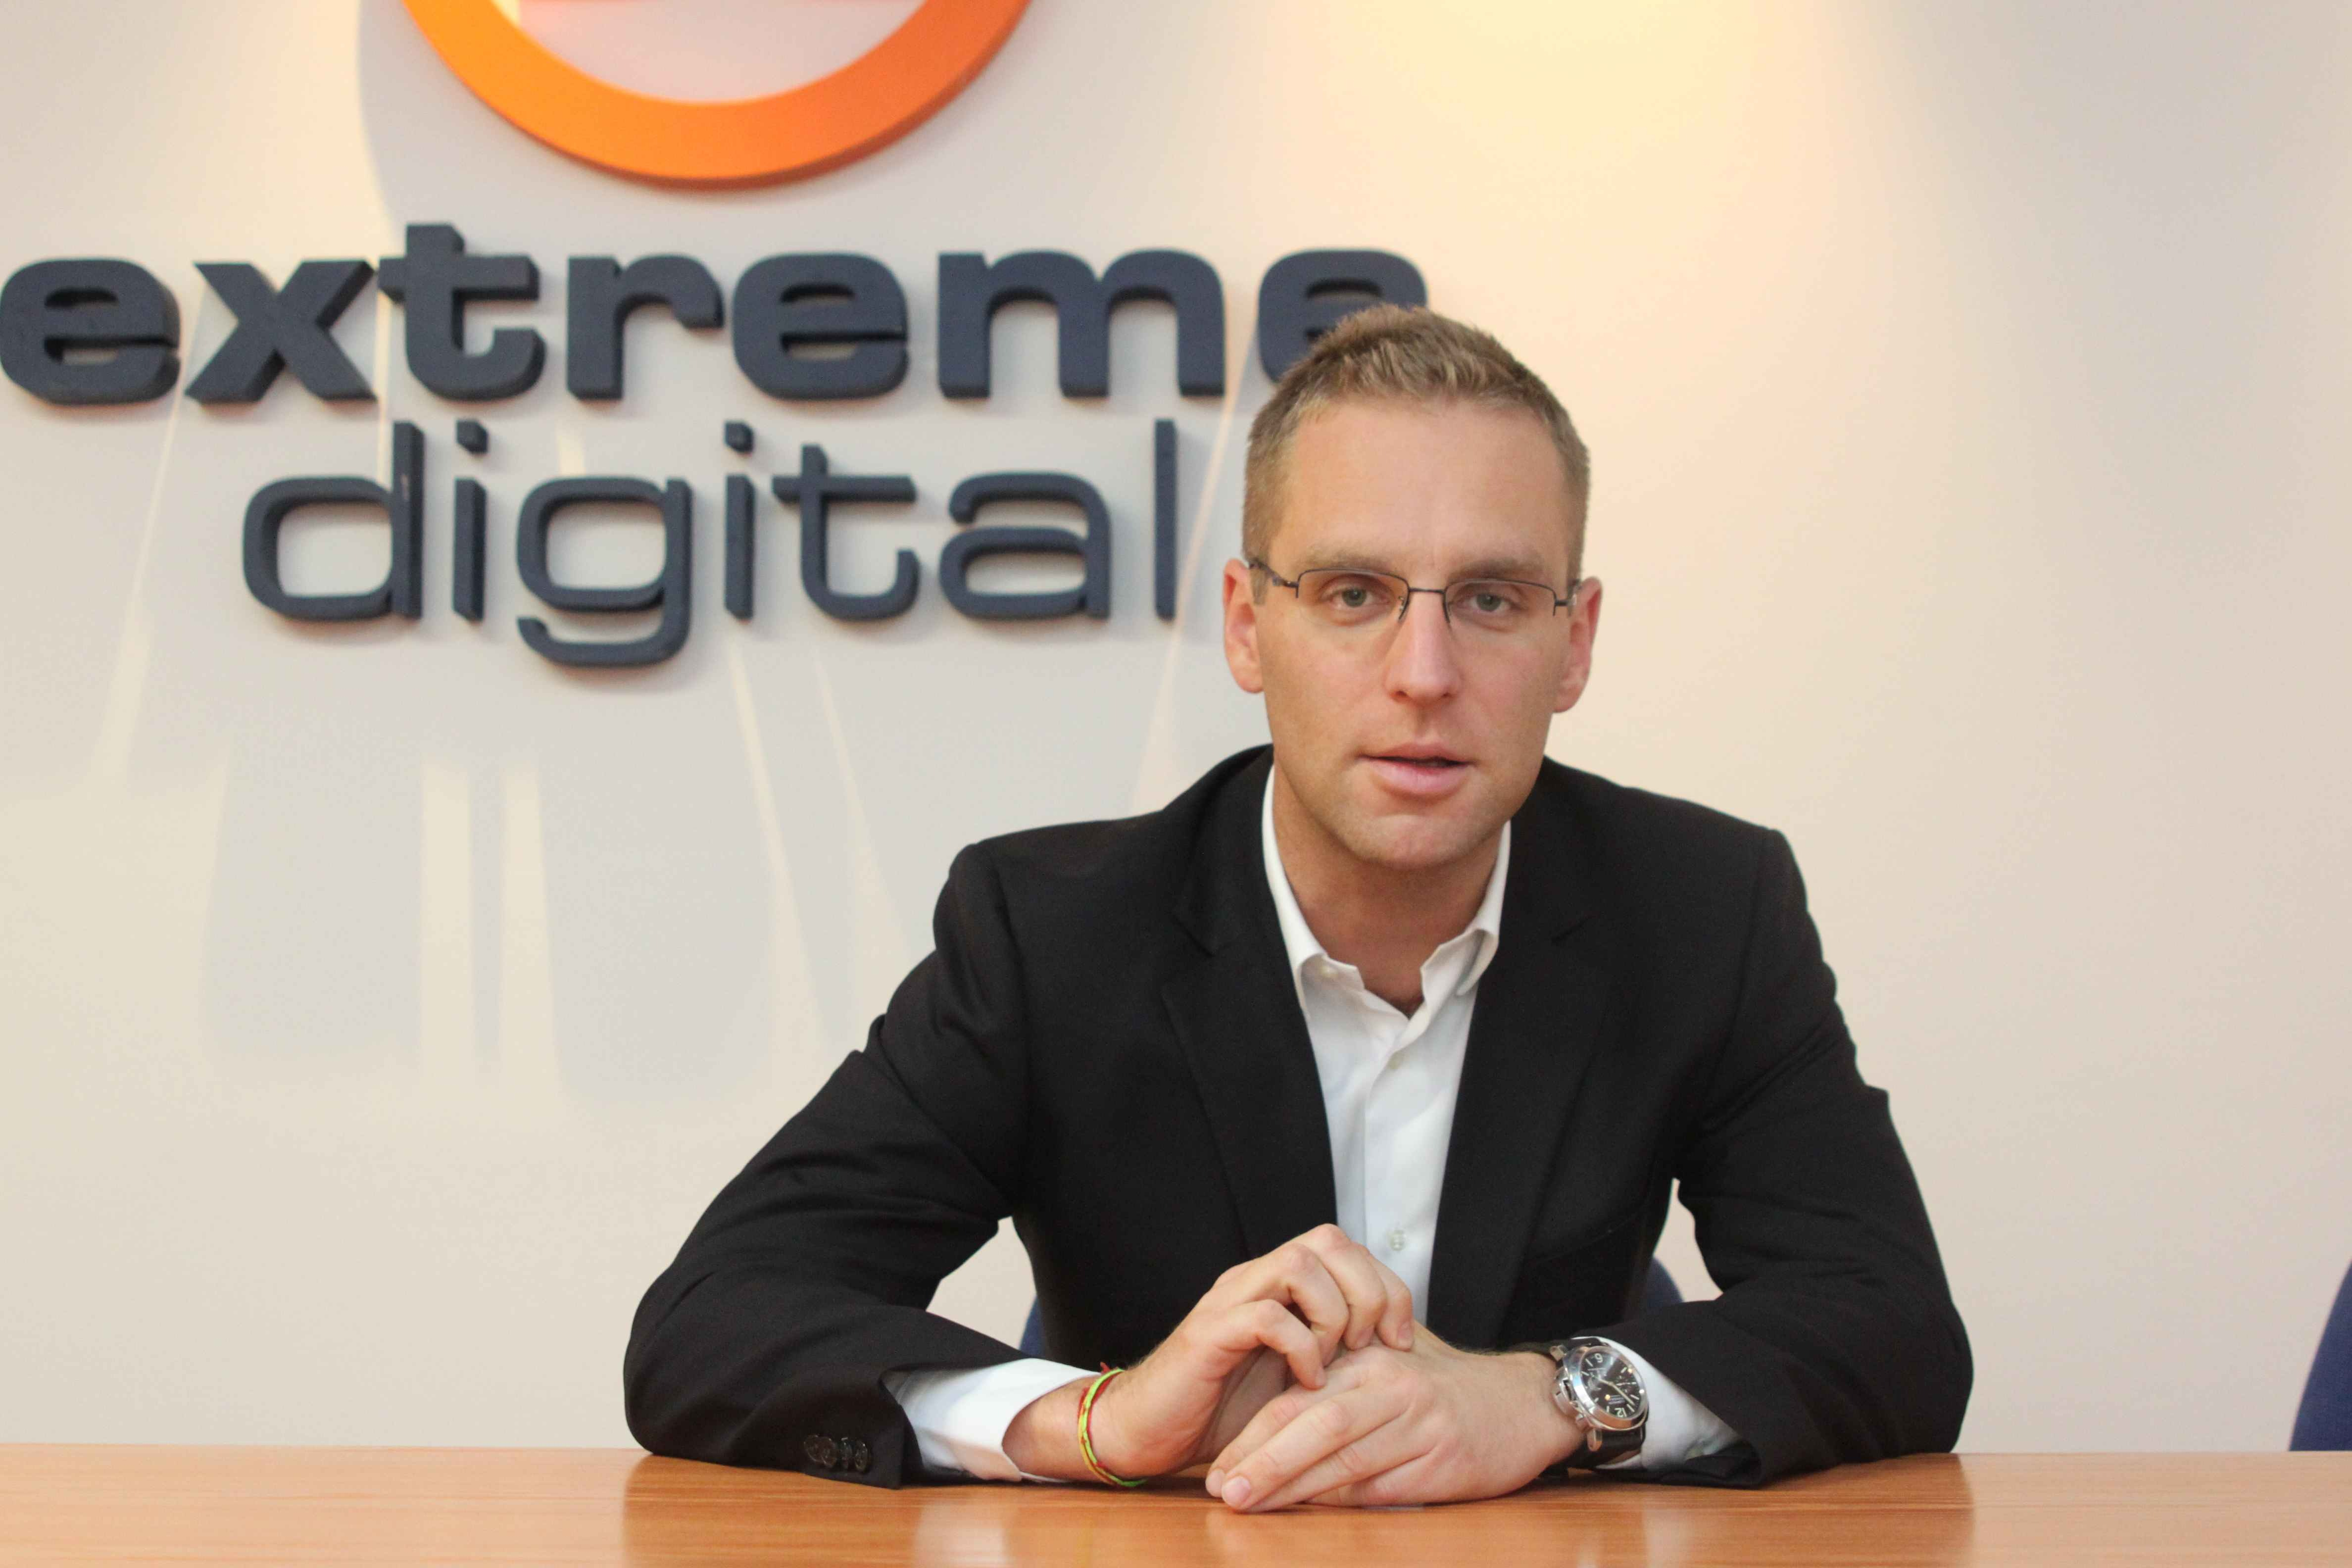 Hírmix és lapszemle: Újra magyar kézben az Extreme Digital